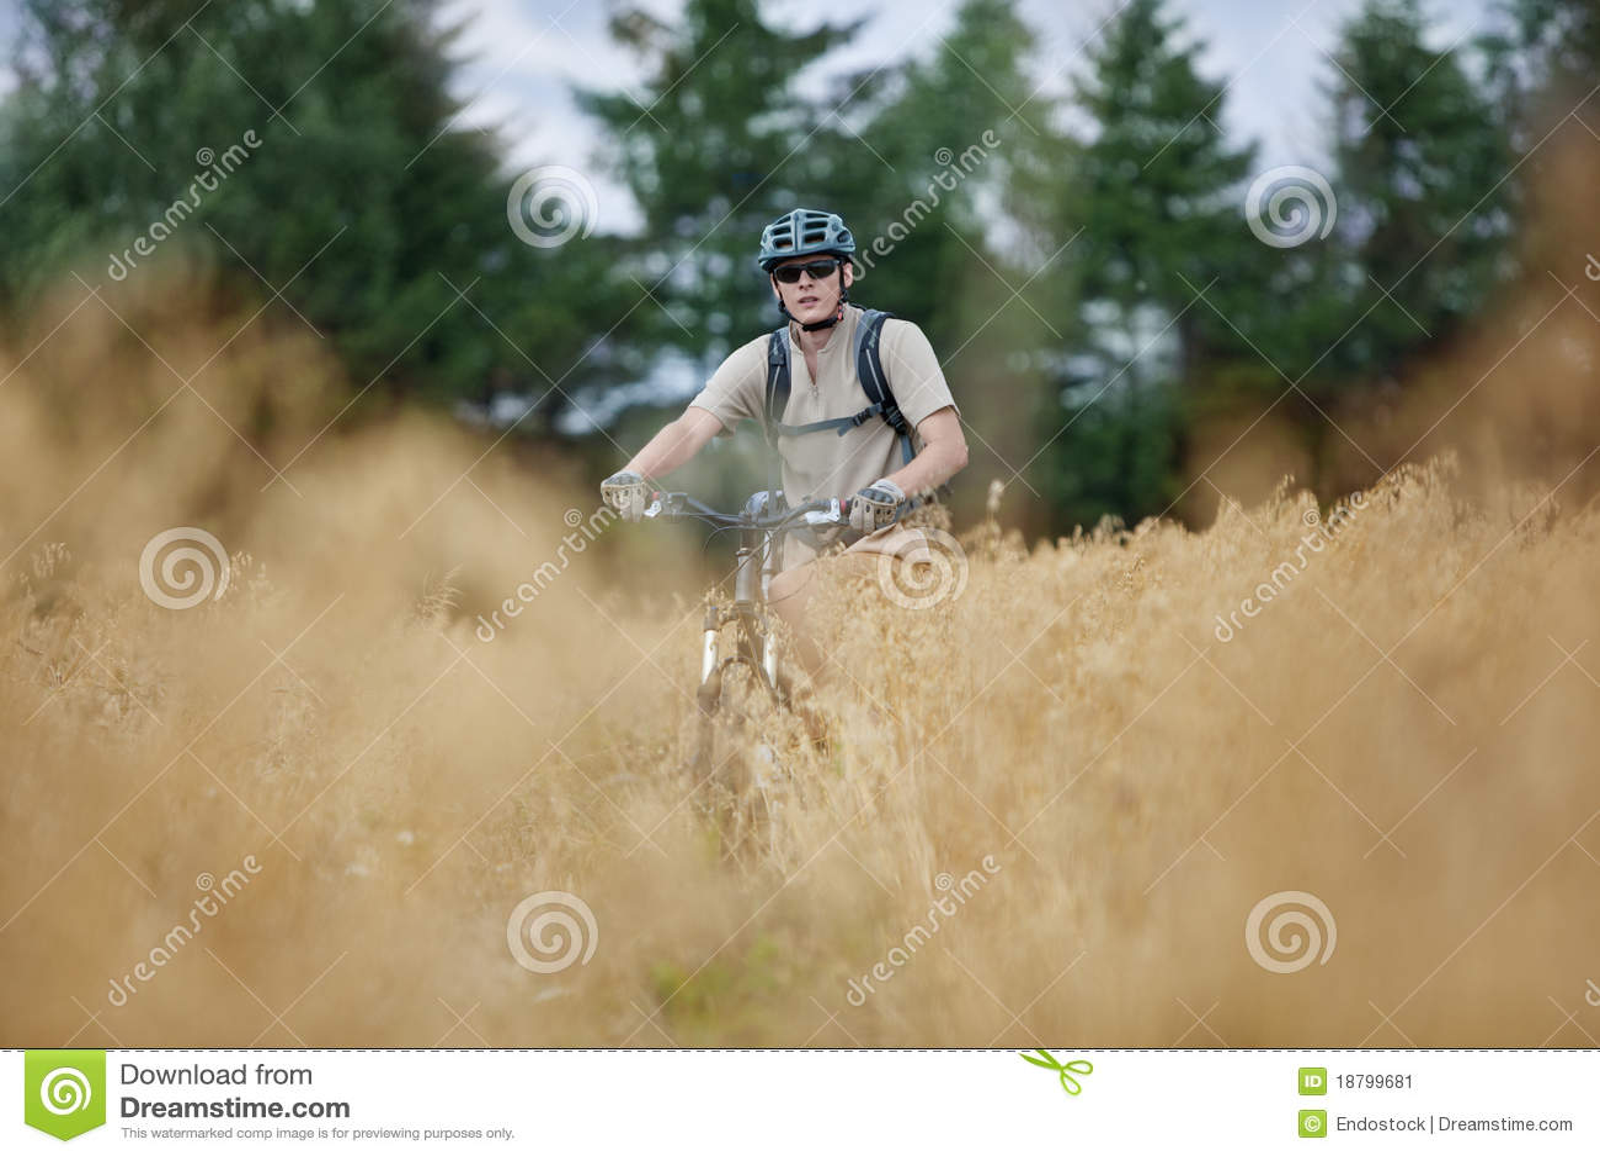 Fuori dall avventura biking della strada